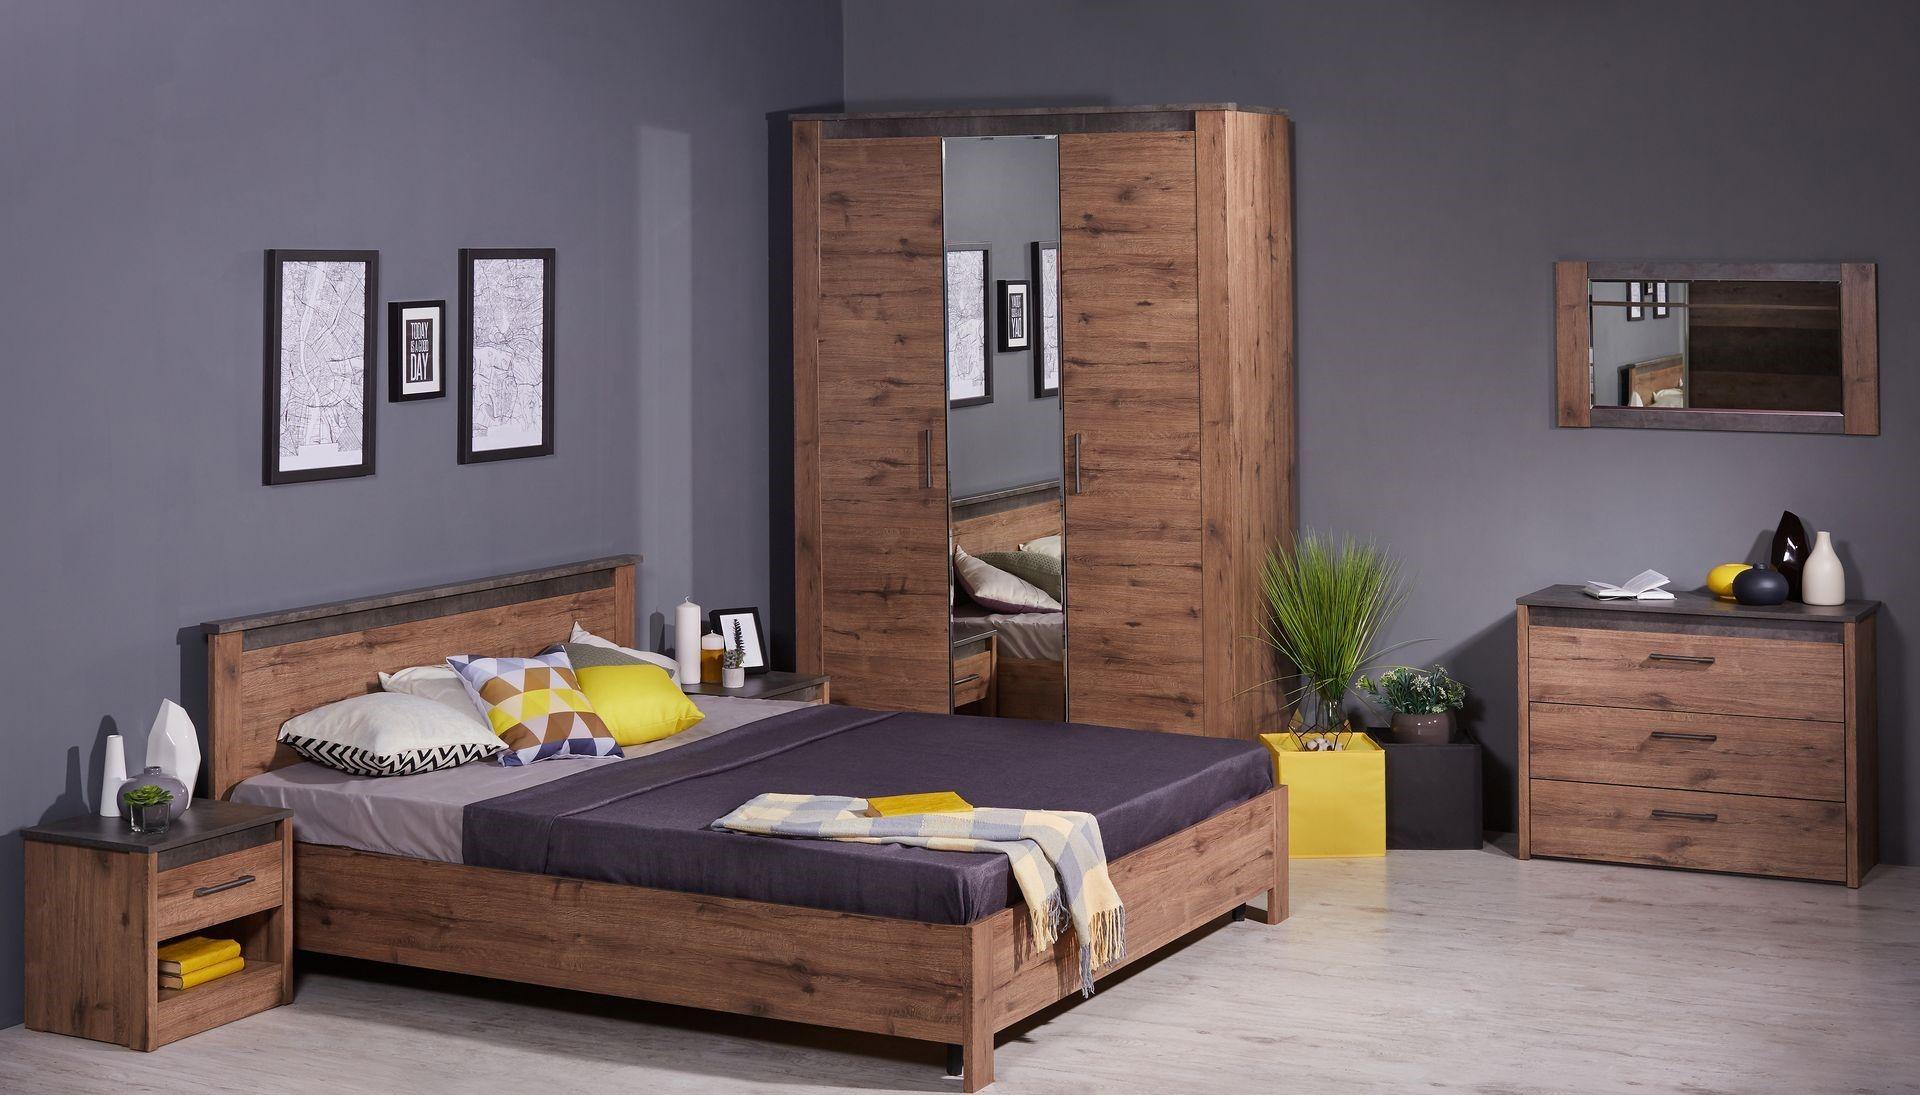 """Спальня """"Денвер"""" (возможный вариант комплектации) купить в интернет-магазине «Мебельной фабрики SbkHome»"""